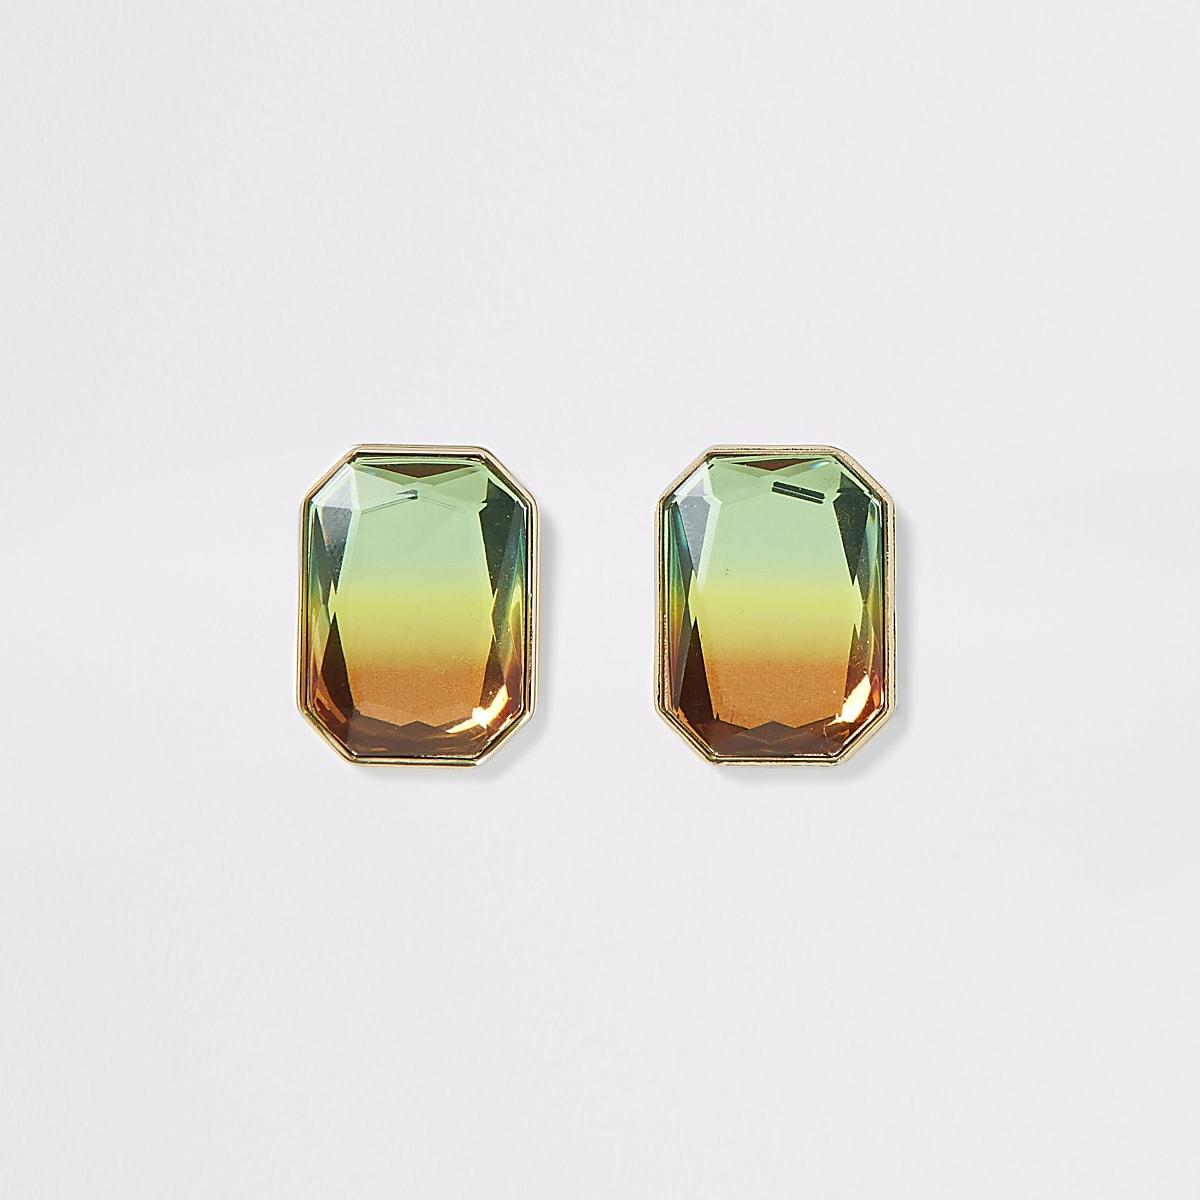 Boucles d'oreilles dorées avec pierres fantaisie effet dégradé